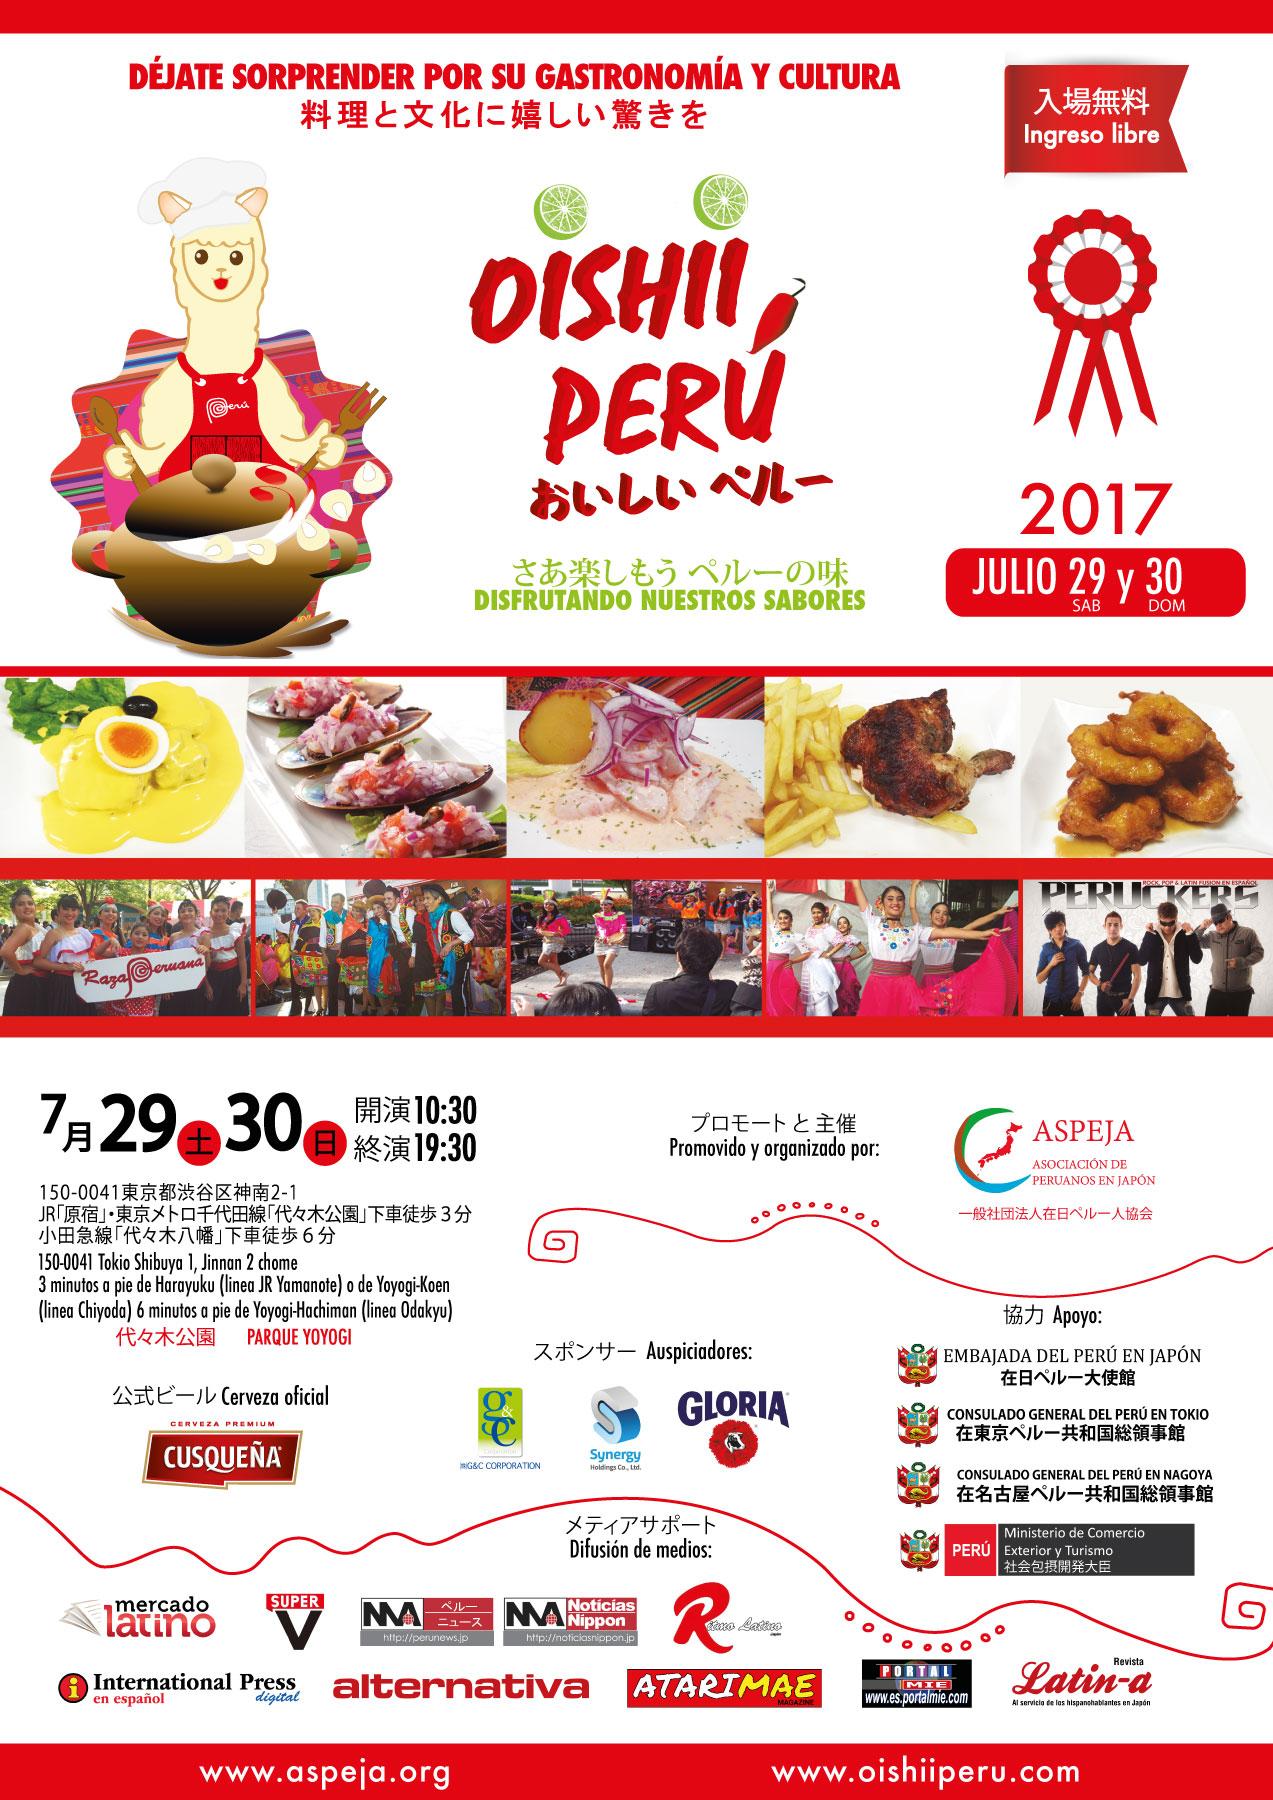 &nbspIV Festival Gastronómico y Cultural